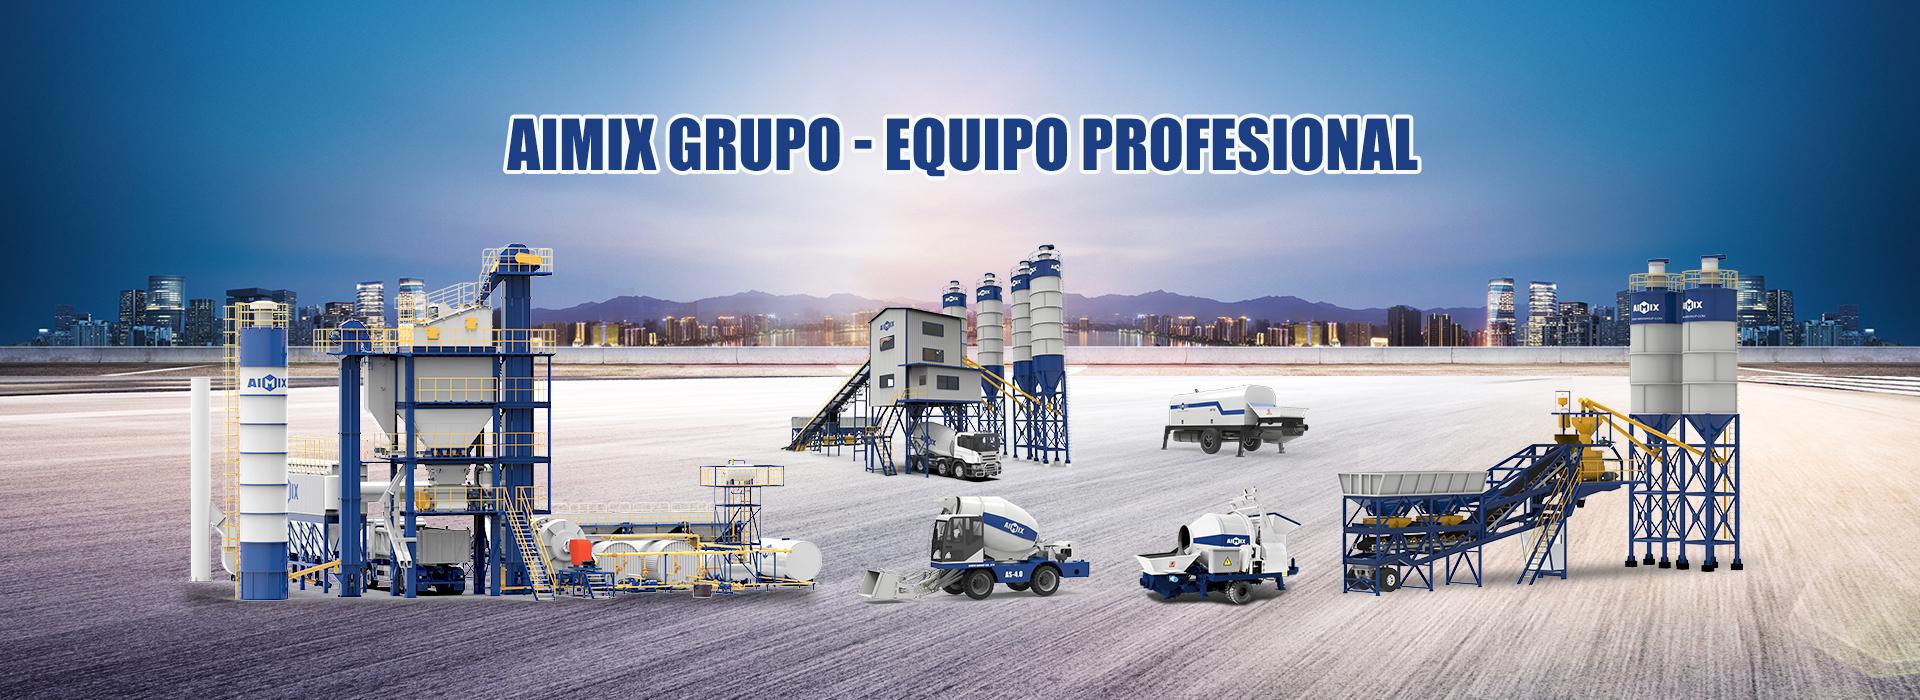 AIMIX Grupo - Fabricante Profesional De Máquinas De Construcción Con Alta Calidad